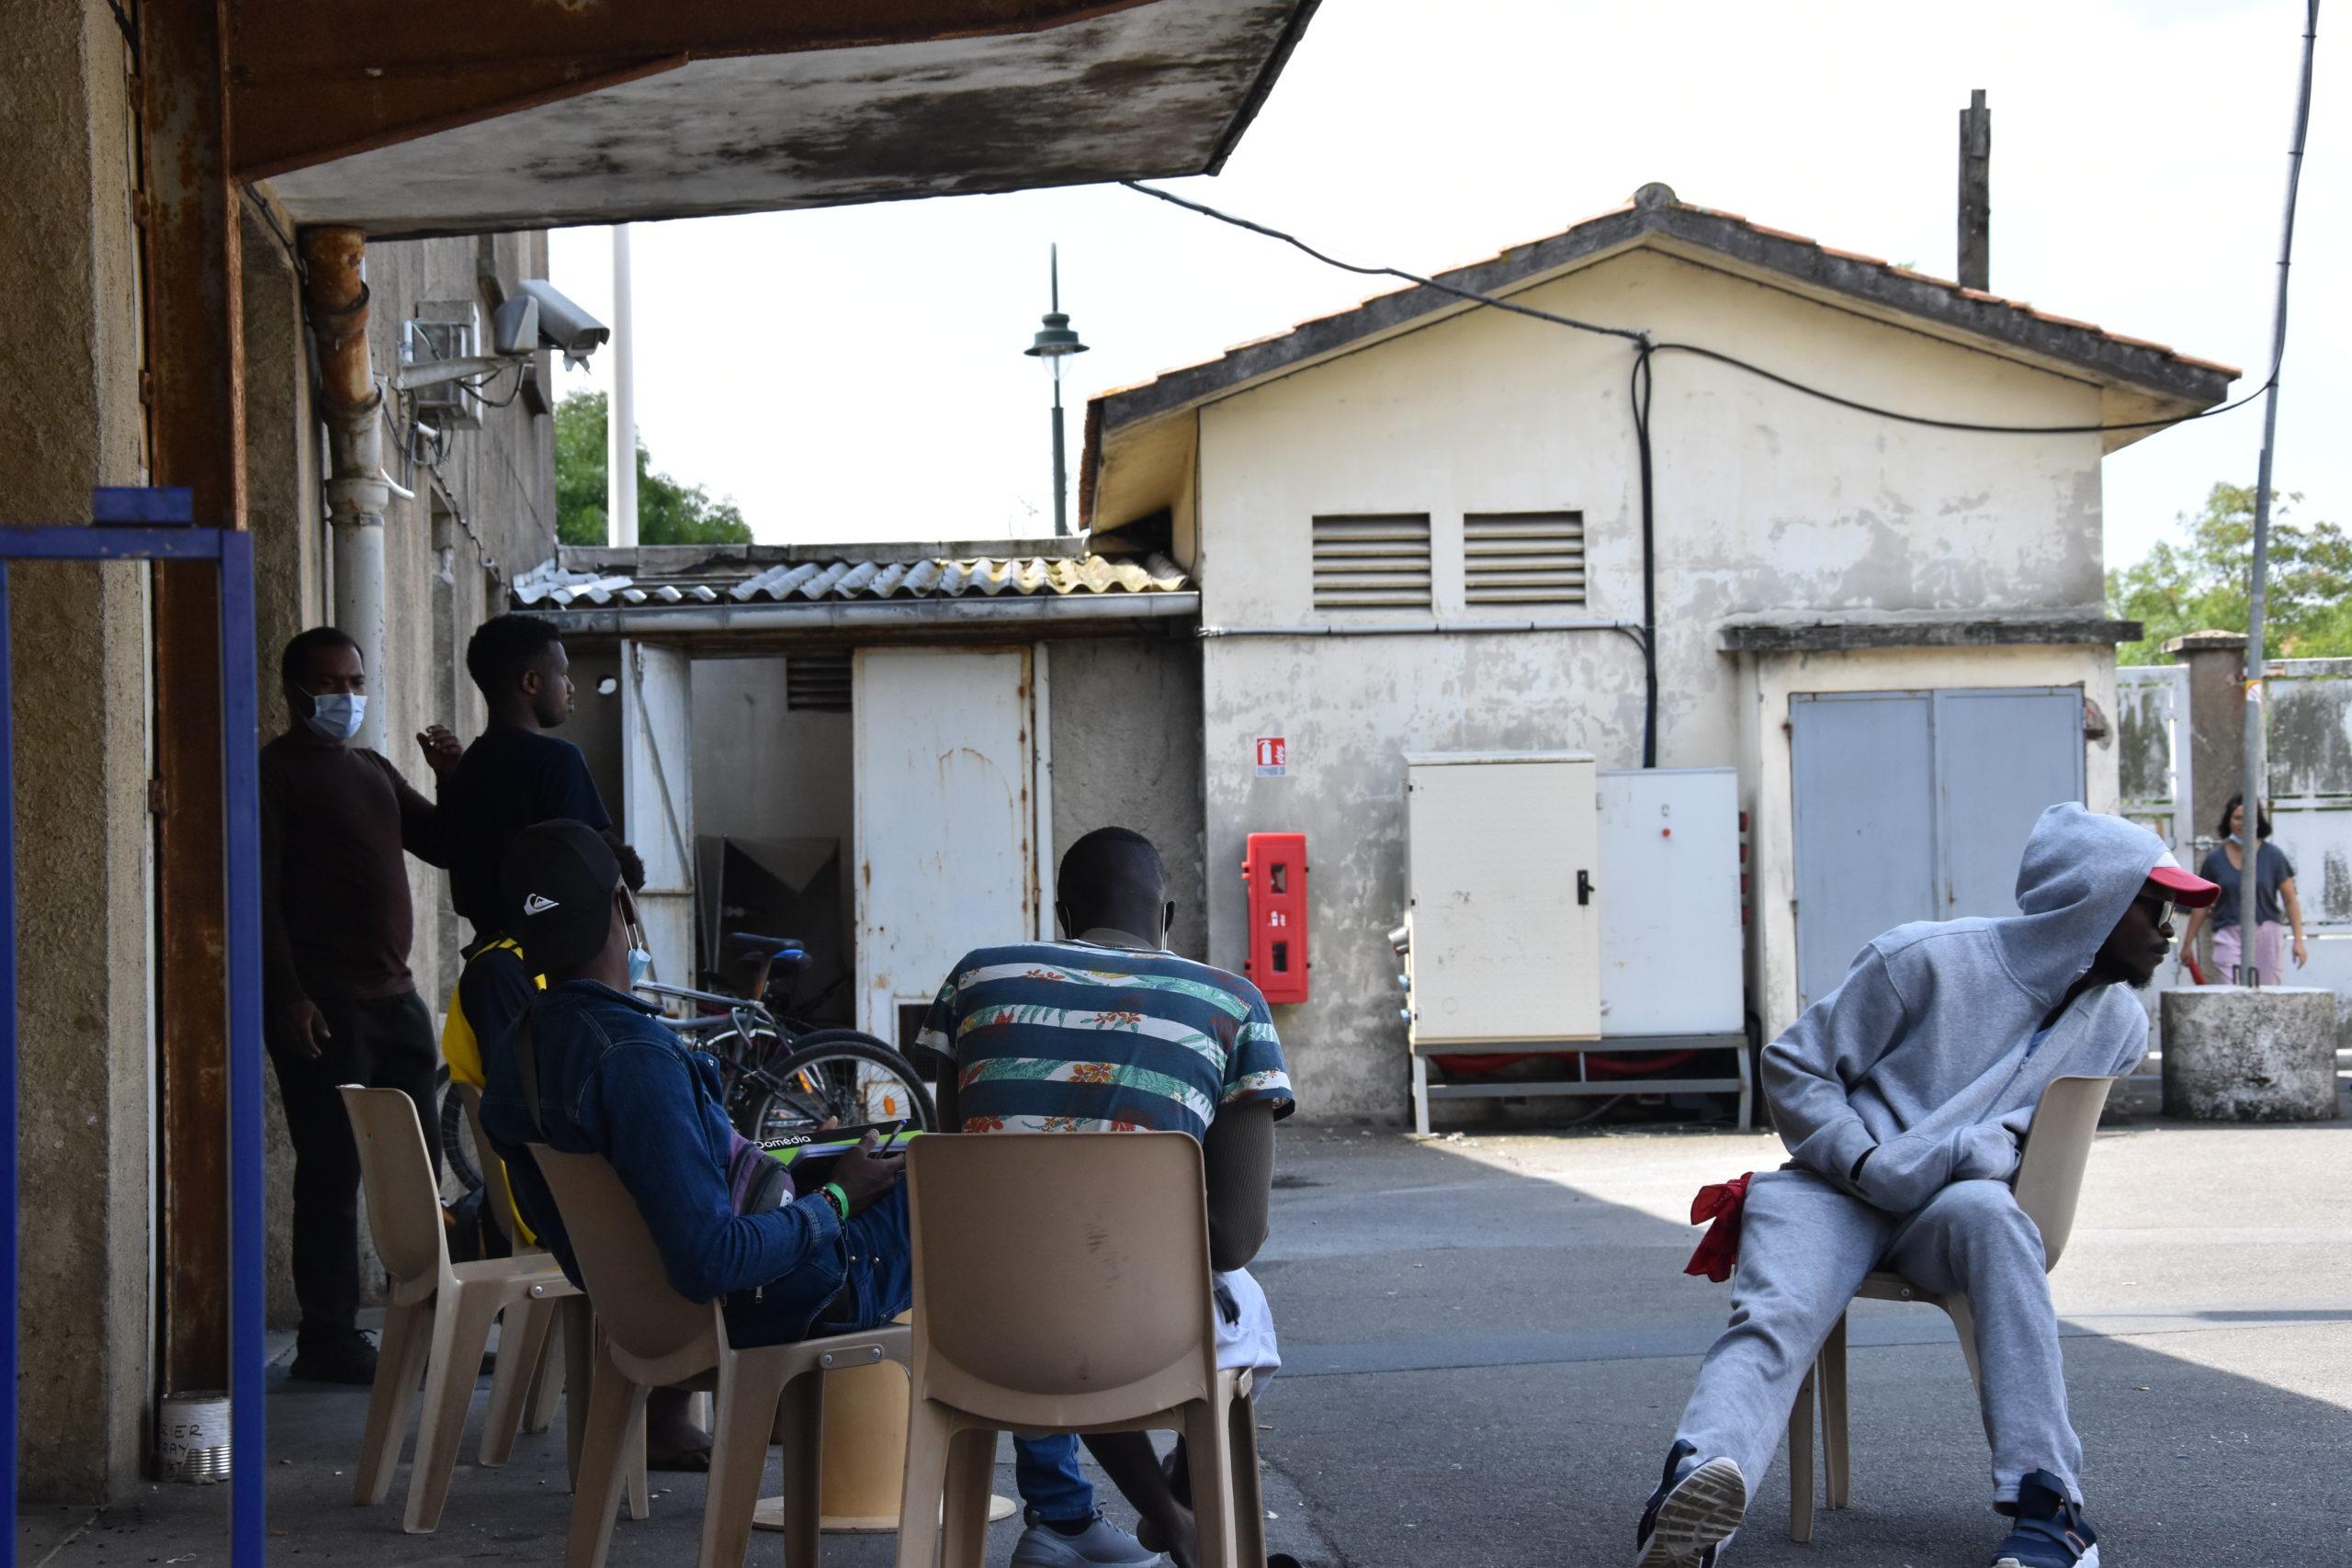 Dans la cour du centre d'accueil, les migrants jouent au foot et discutent.